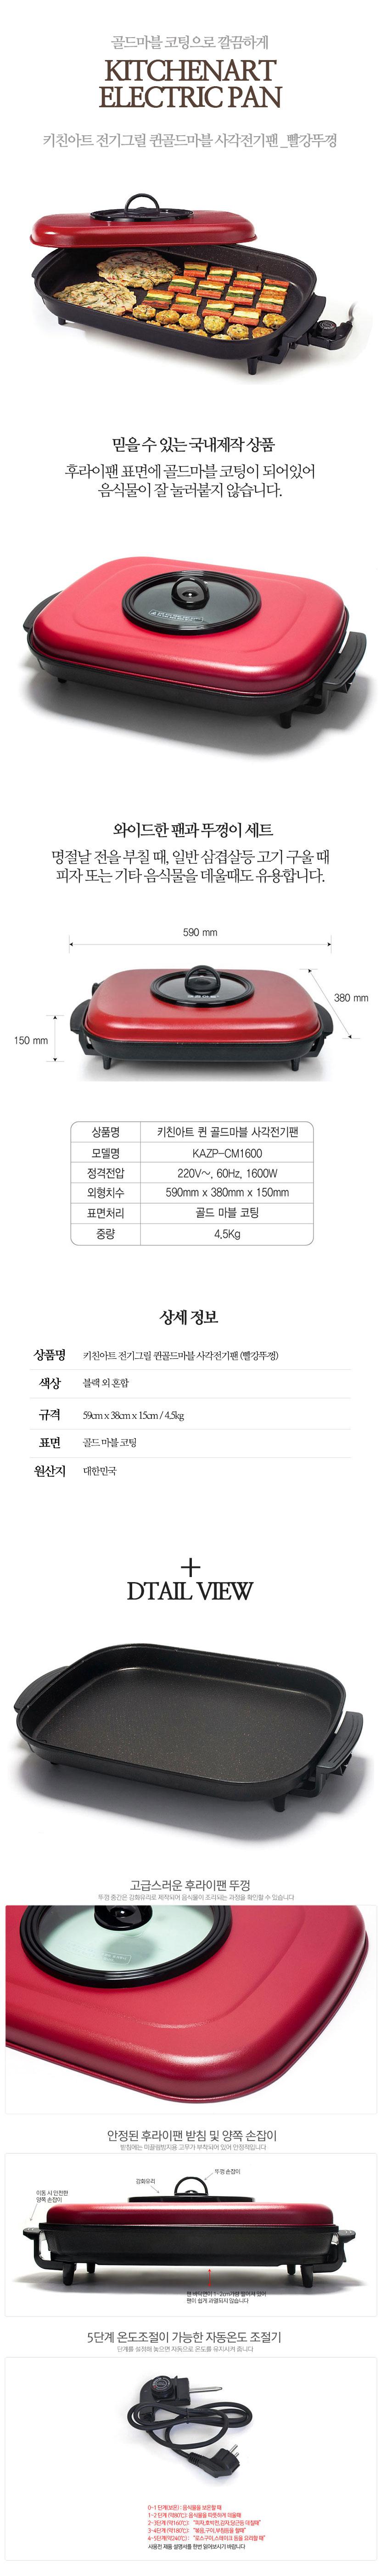 키친아트-전기그릴-퀸골드마블-사각전기팬-(빨강뚜껑).jpg